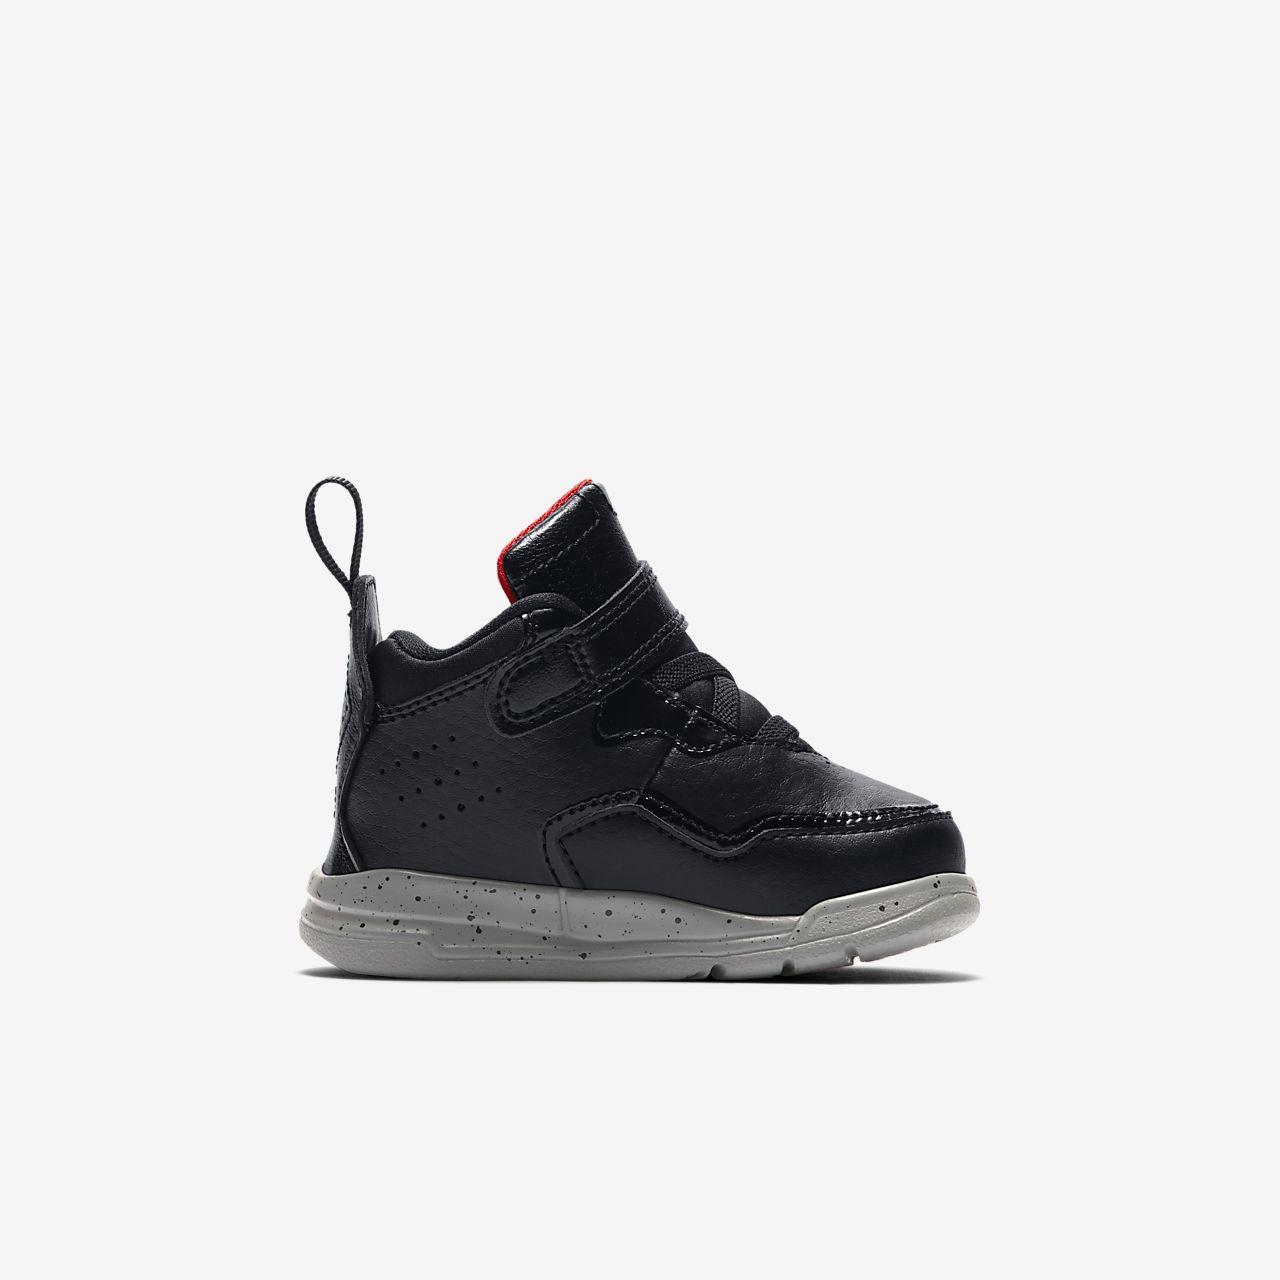 Jordan Shoes Amp